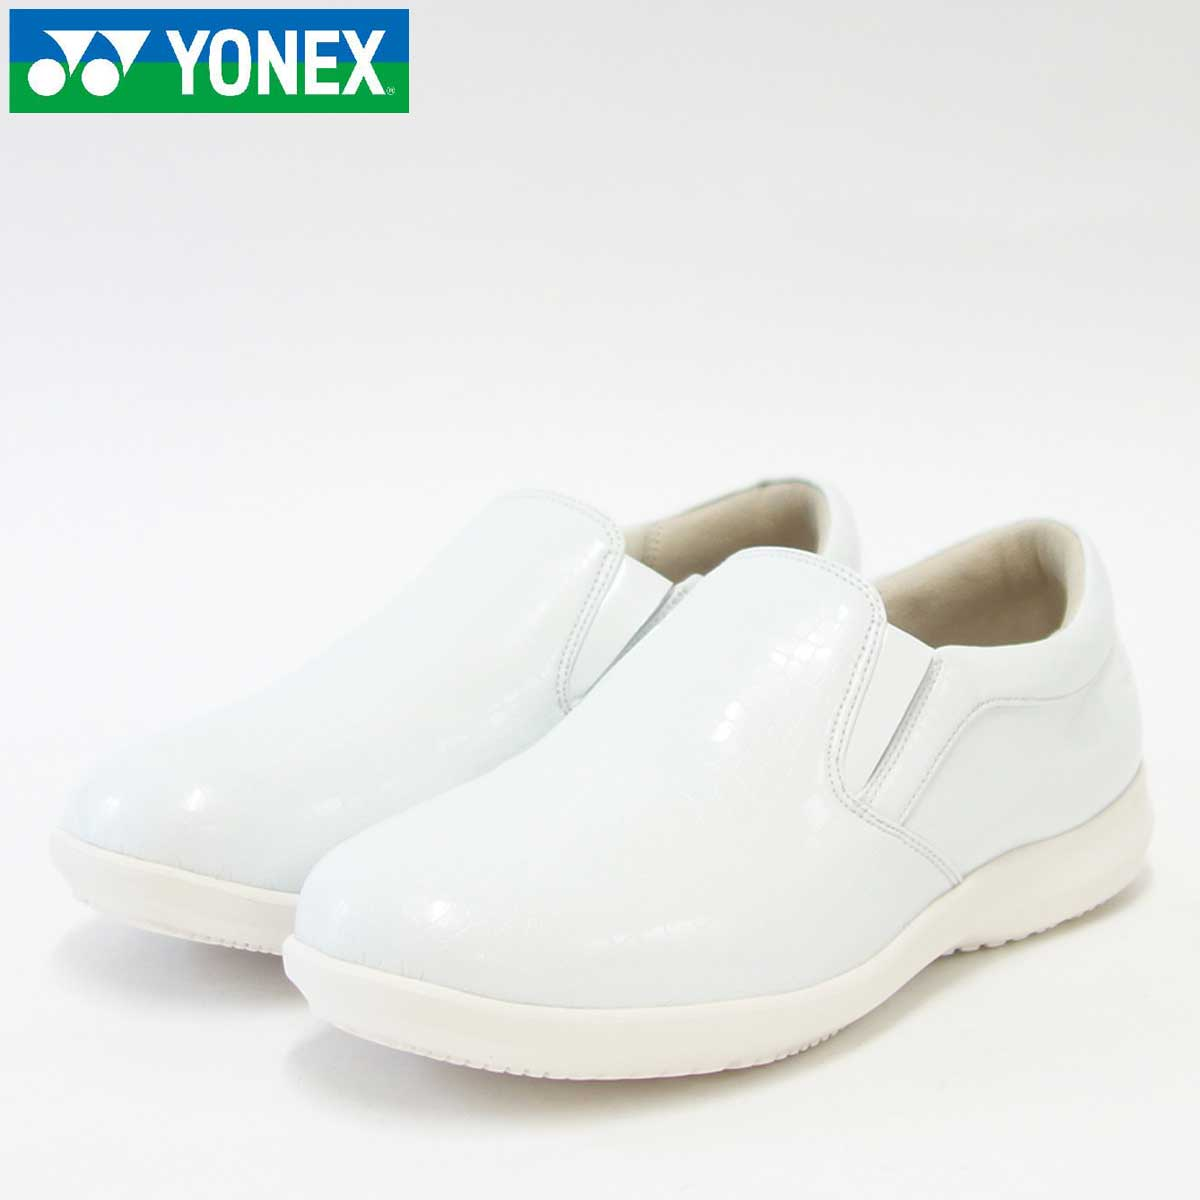 YONEX ヨネックス LC91 クロコダイルホワイト (レディース)軽い疲れにくいウォーキングシューズ「靴」